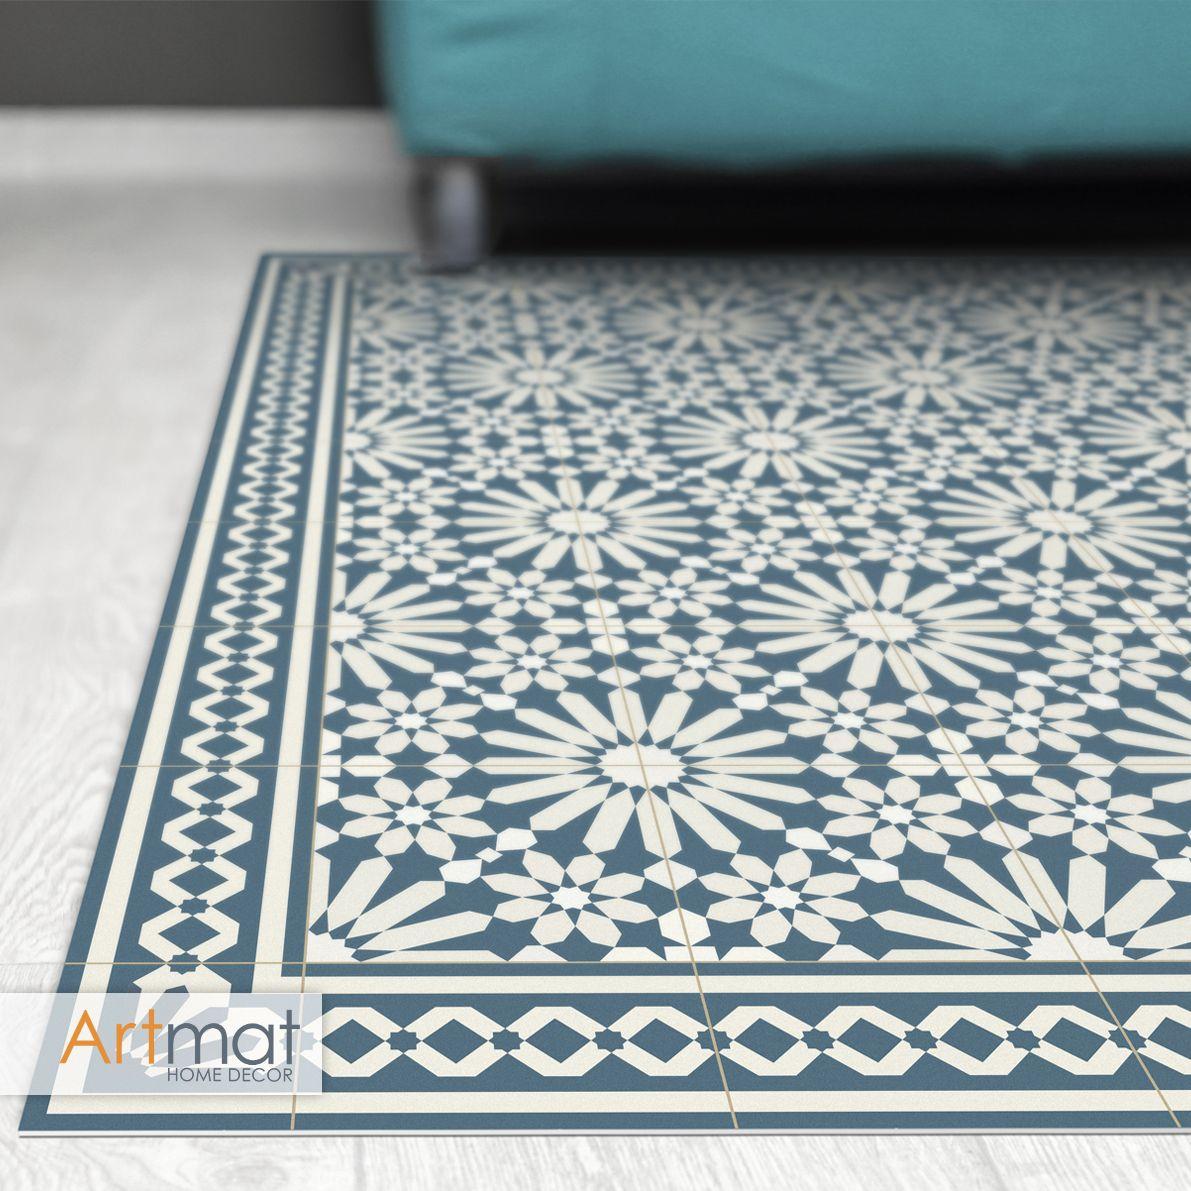 Vinyl Area Rug With Moroccan Tiles Design In Blue And Beige Etsy Vinyl Floor Mat Vinyl Rug Rugs